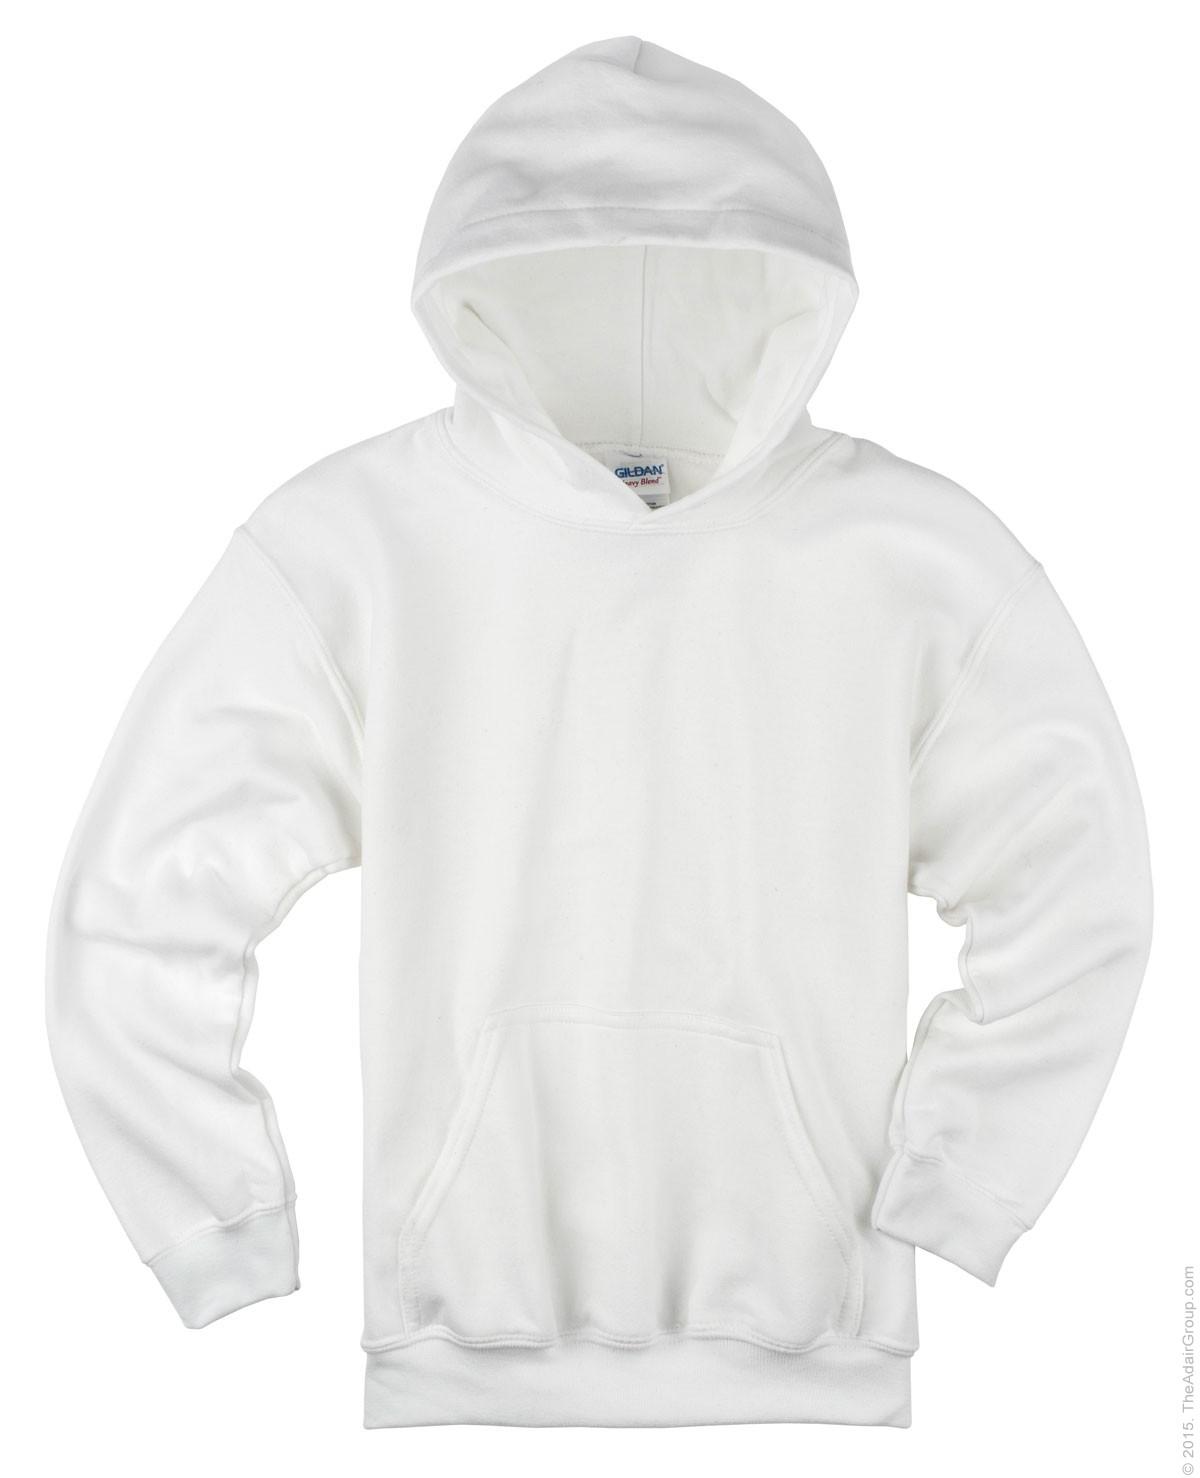 5503c40de Plain Black Zip Up Sweatshirt No Hood   Top Mode Depot